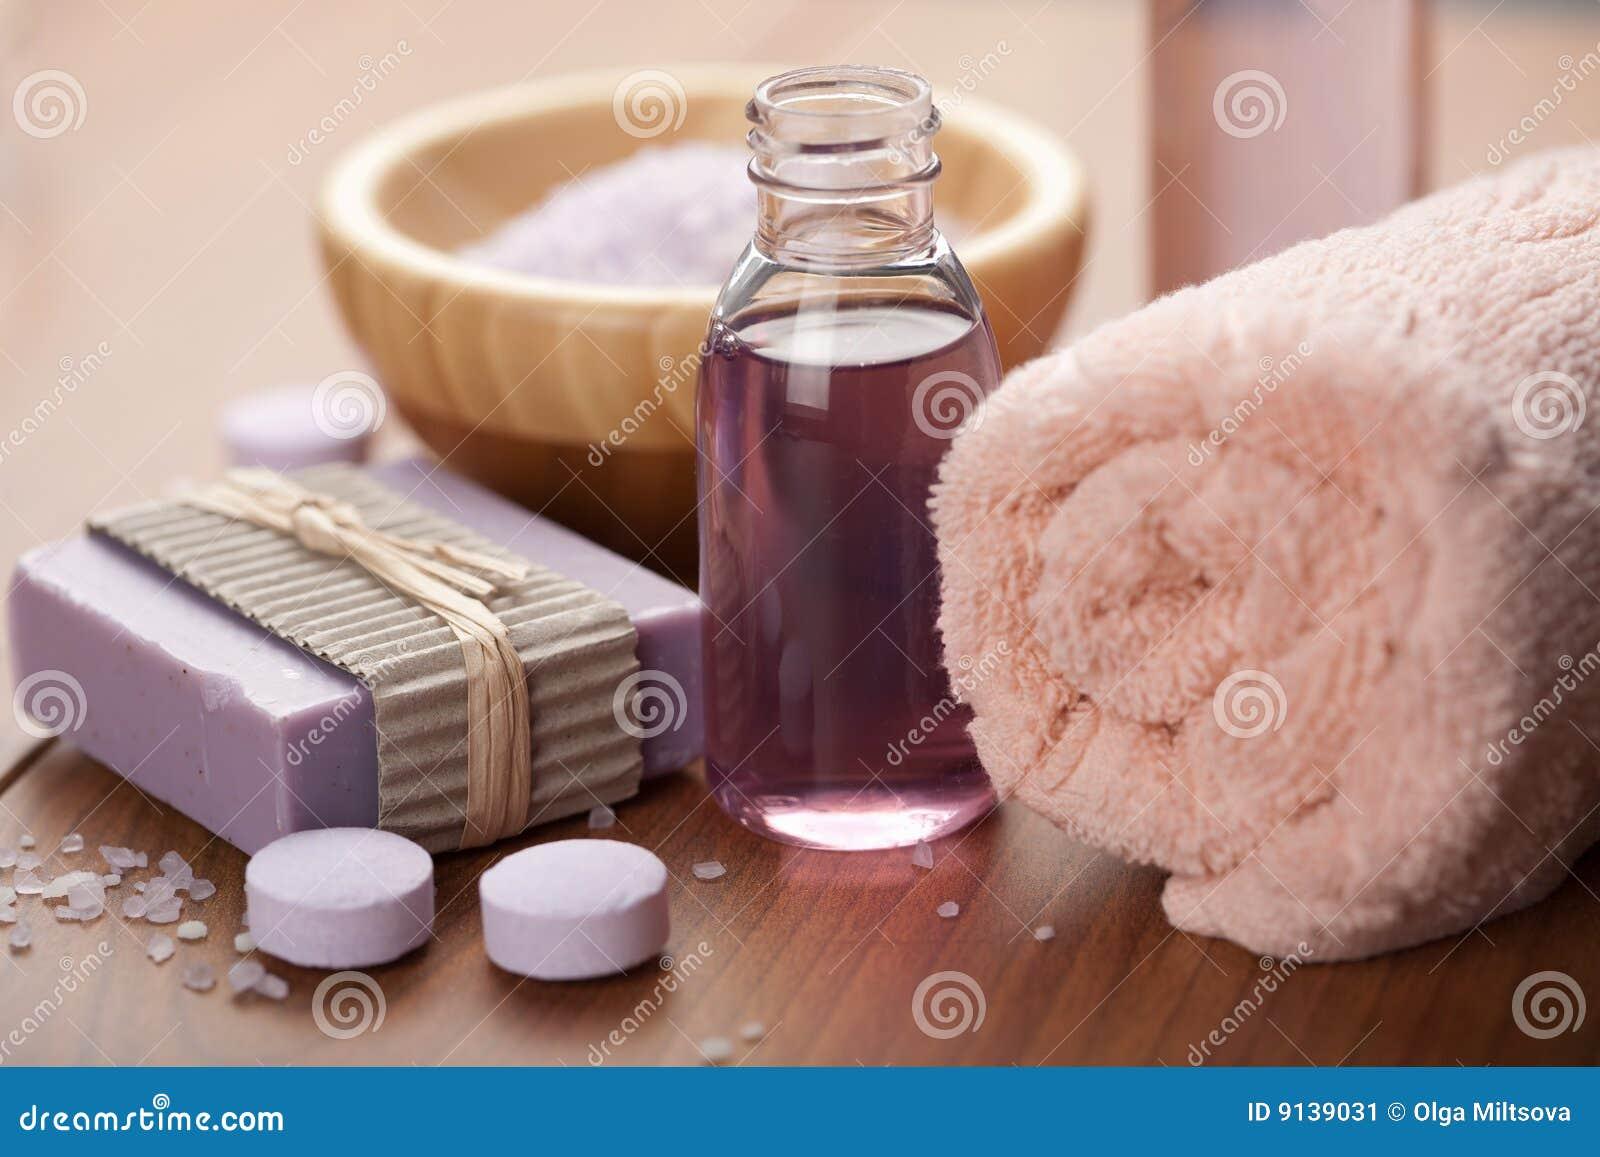 机体关心重要草本油肥皂温泉